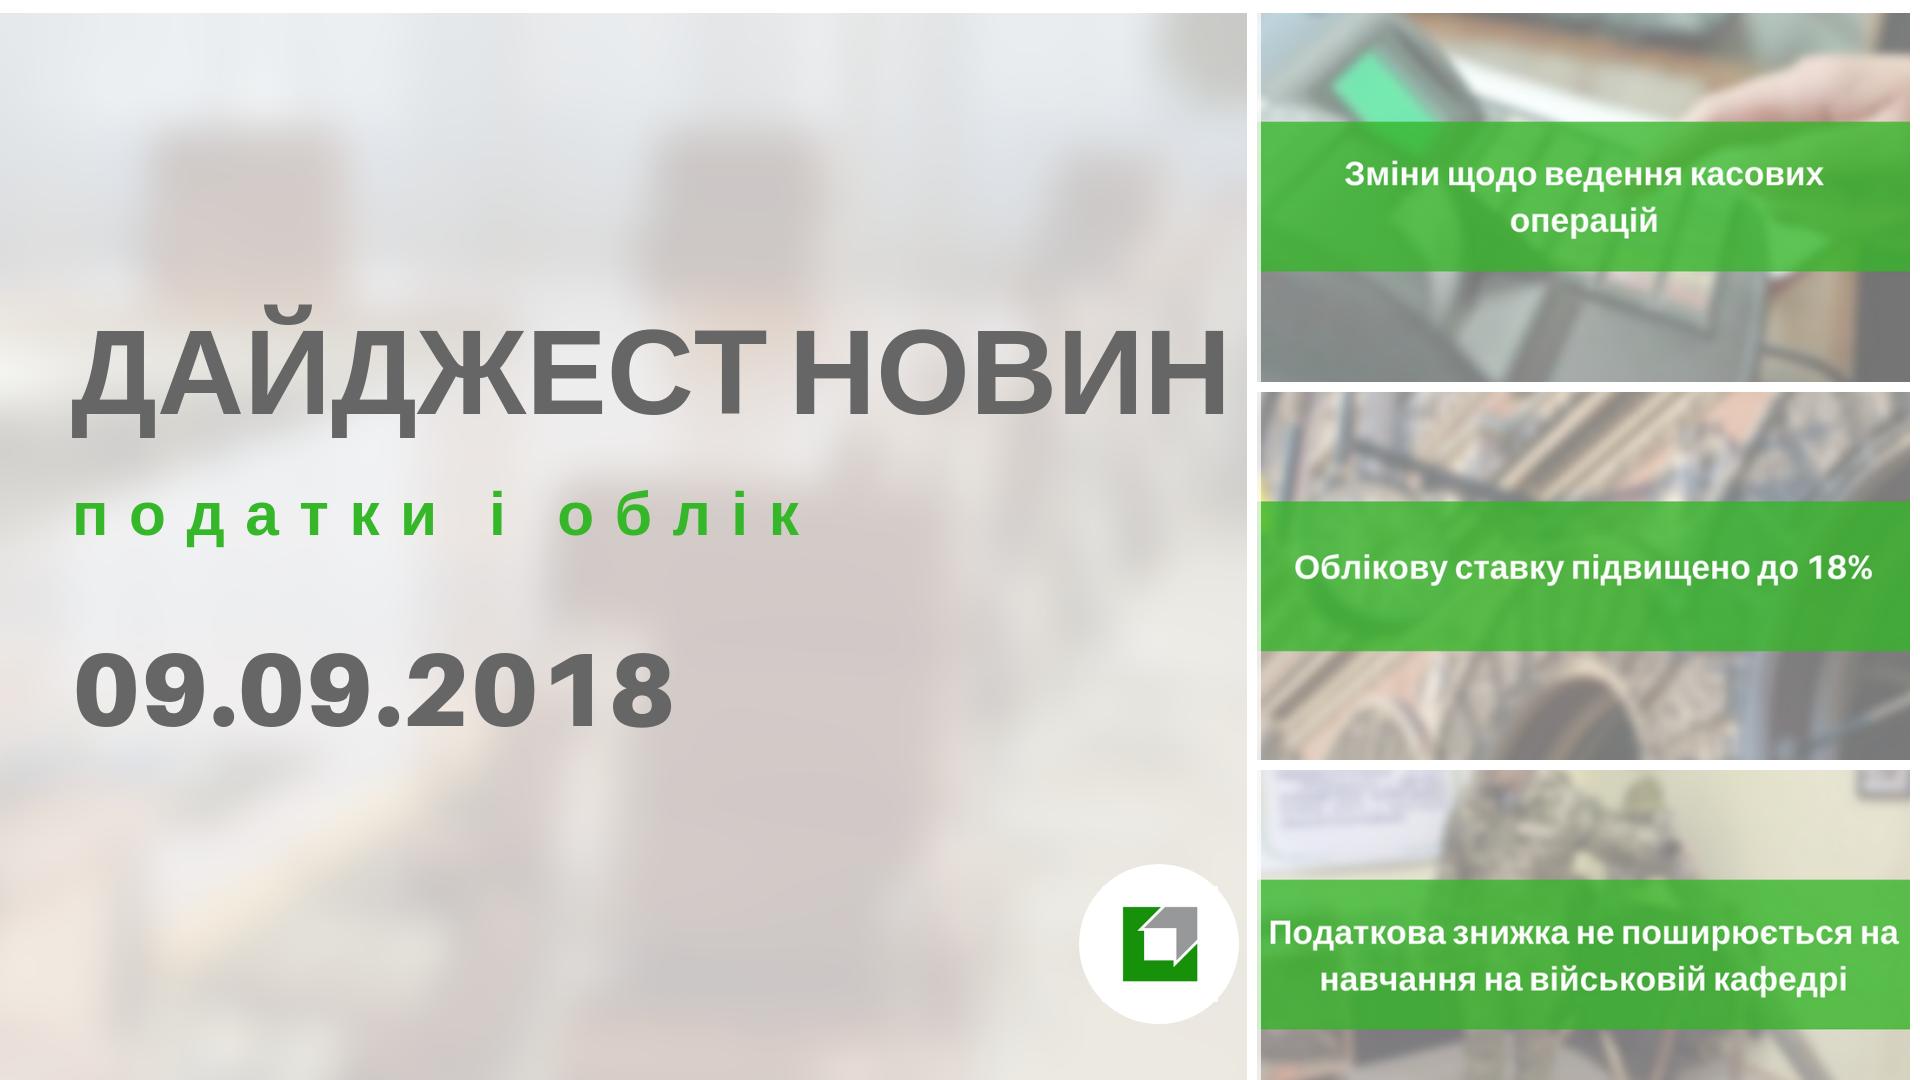 """Дайджест нoвин """"Податки і облік"""" з 03.09.2018 пo 09.09.2018"""